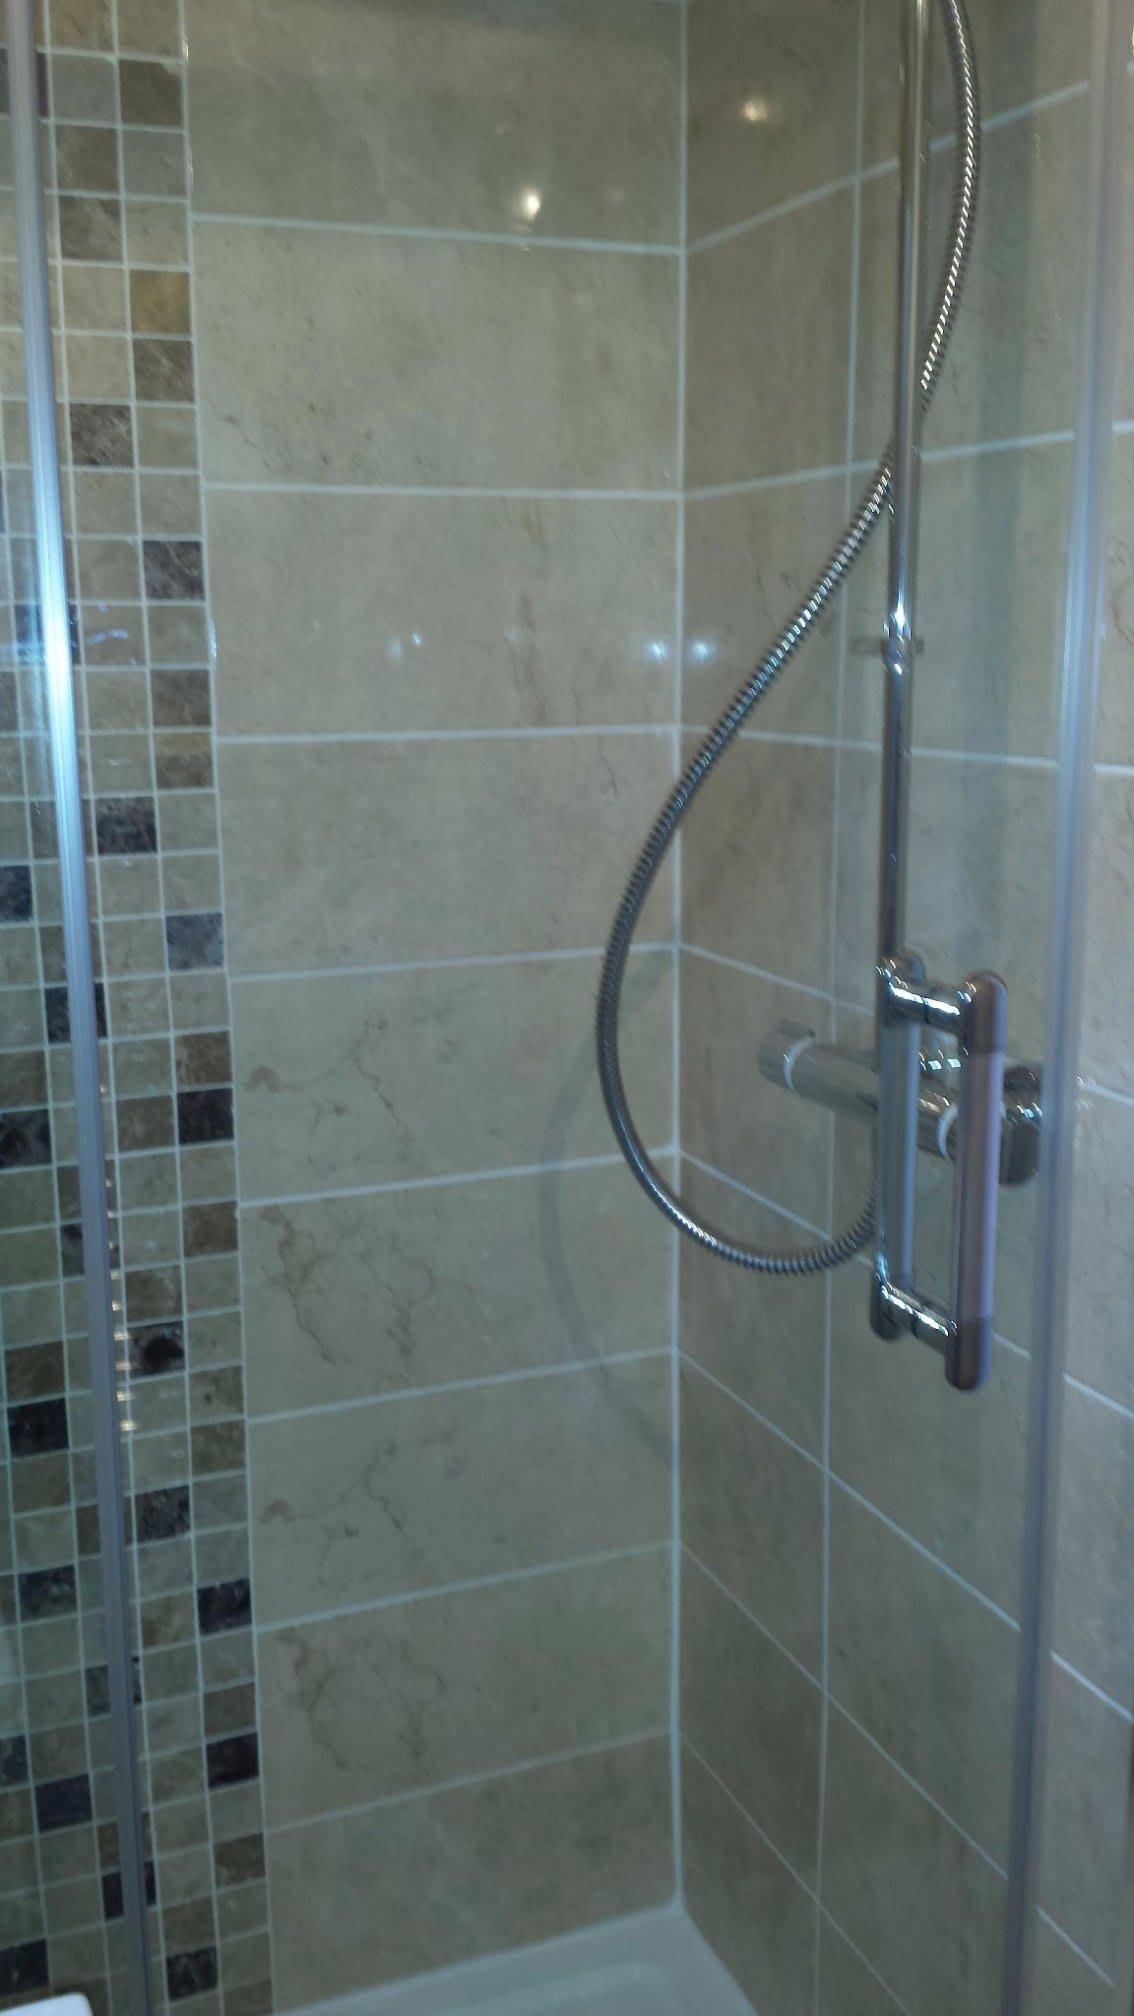 Astley Village Plumbing - John Ingram   8 Merefield, Chorley PR7 1UR   +44 1257 268357